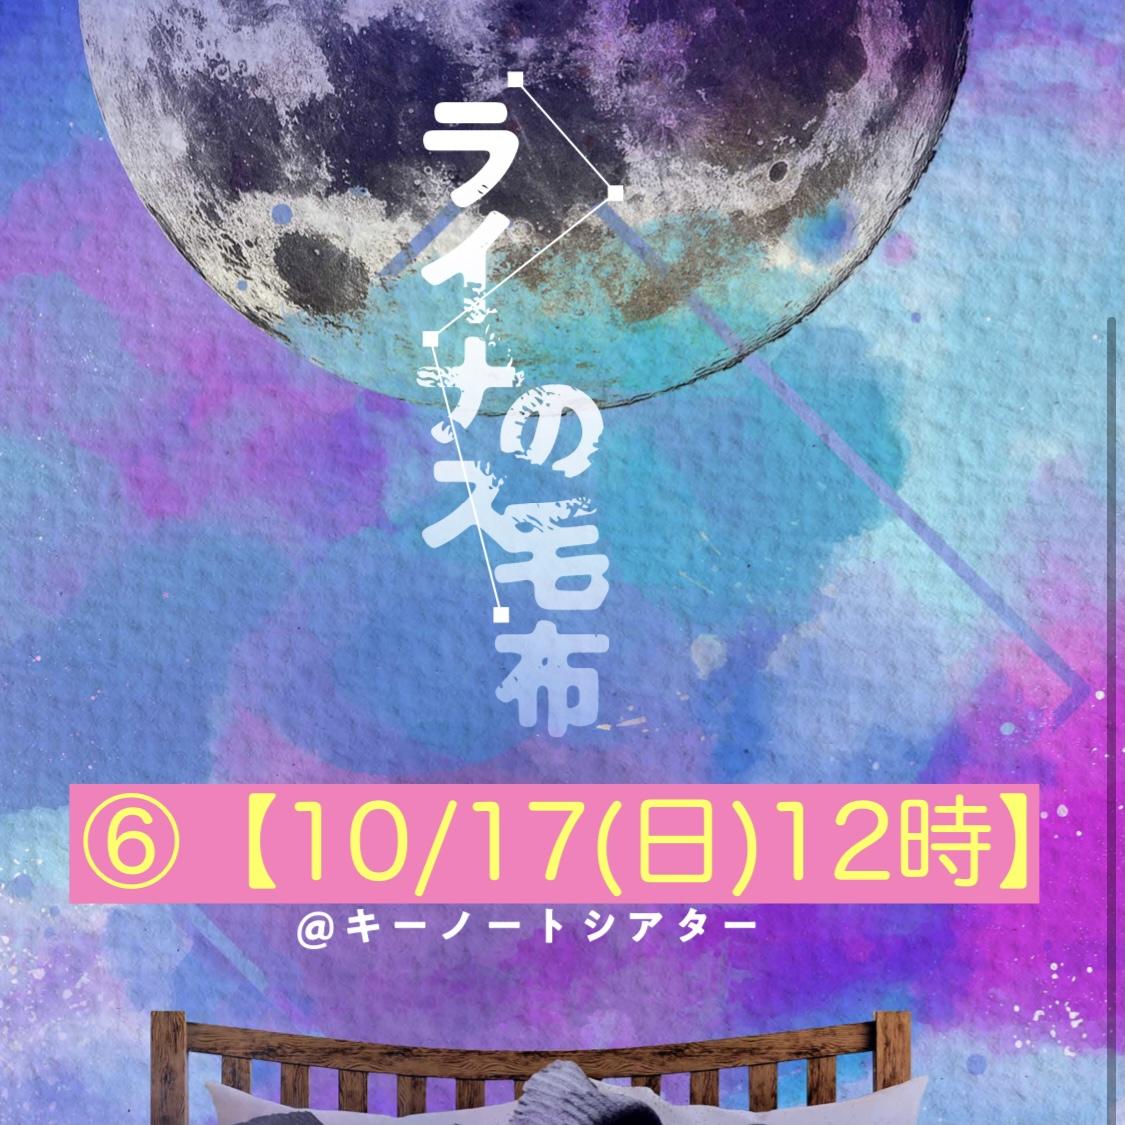 _06【10/17(日)12時】 『ライナスの毛布』